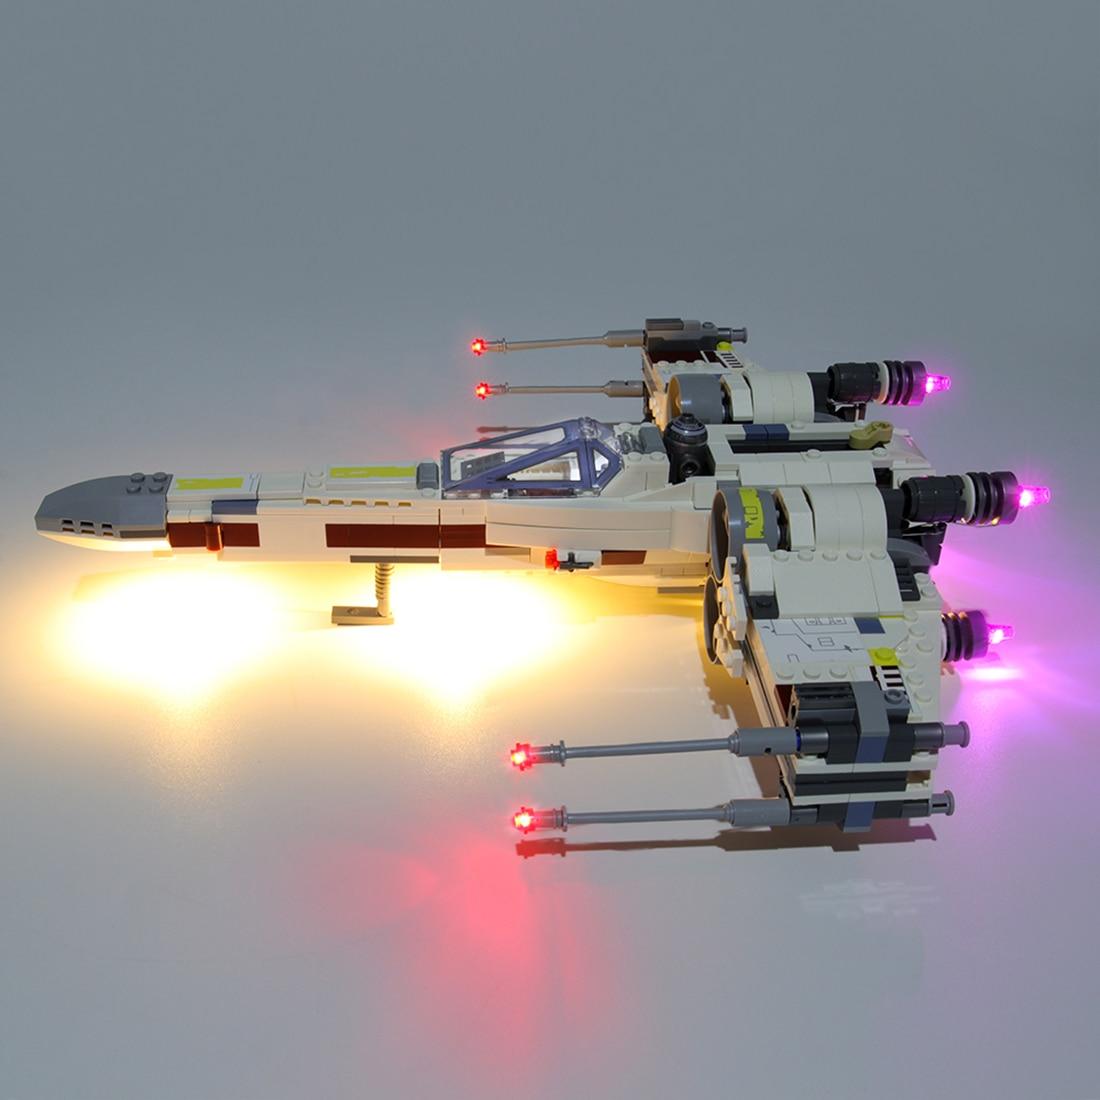 kit de iluminação usb para x-wing starfighter